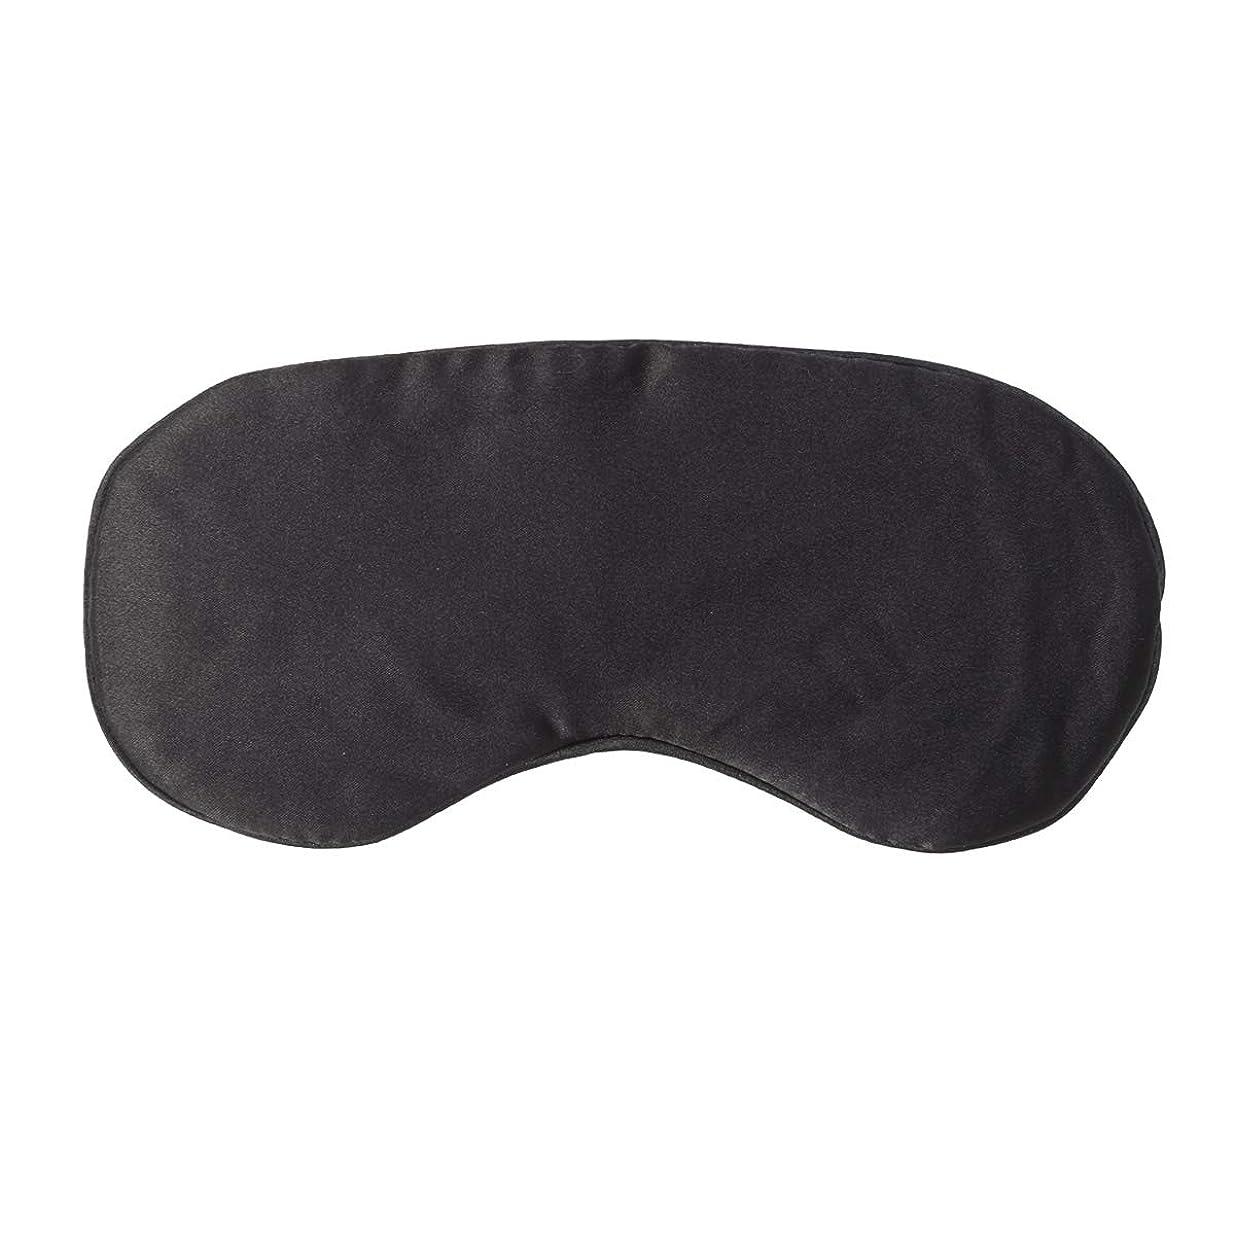 納屋涙縁石SUPVOX模造シルク睡眠アイマスクカバー旅行リラックス援助目隠し旅行援助